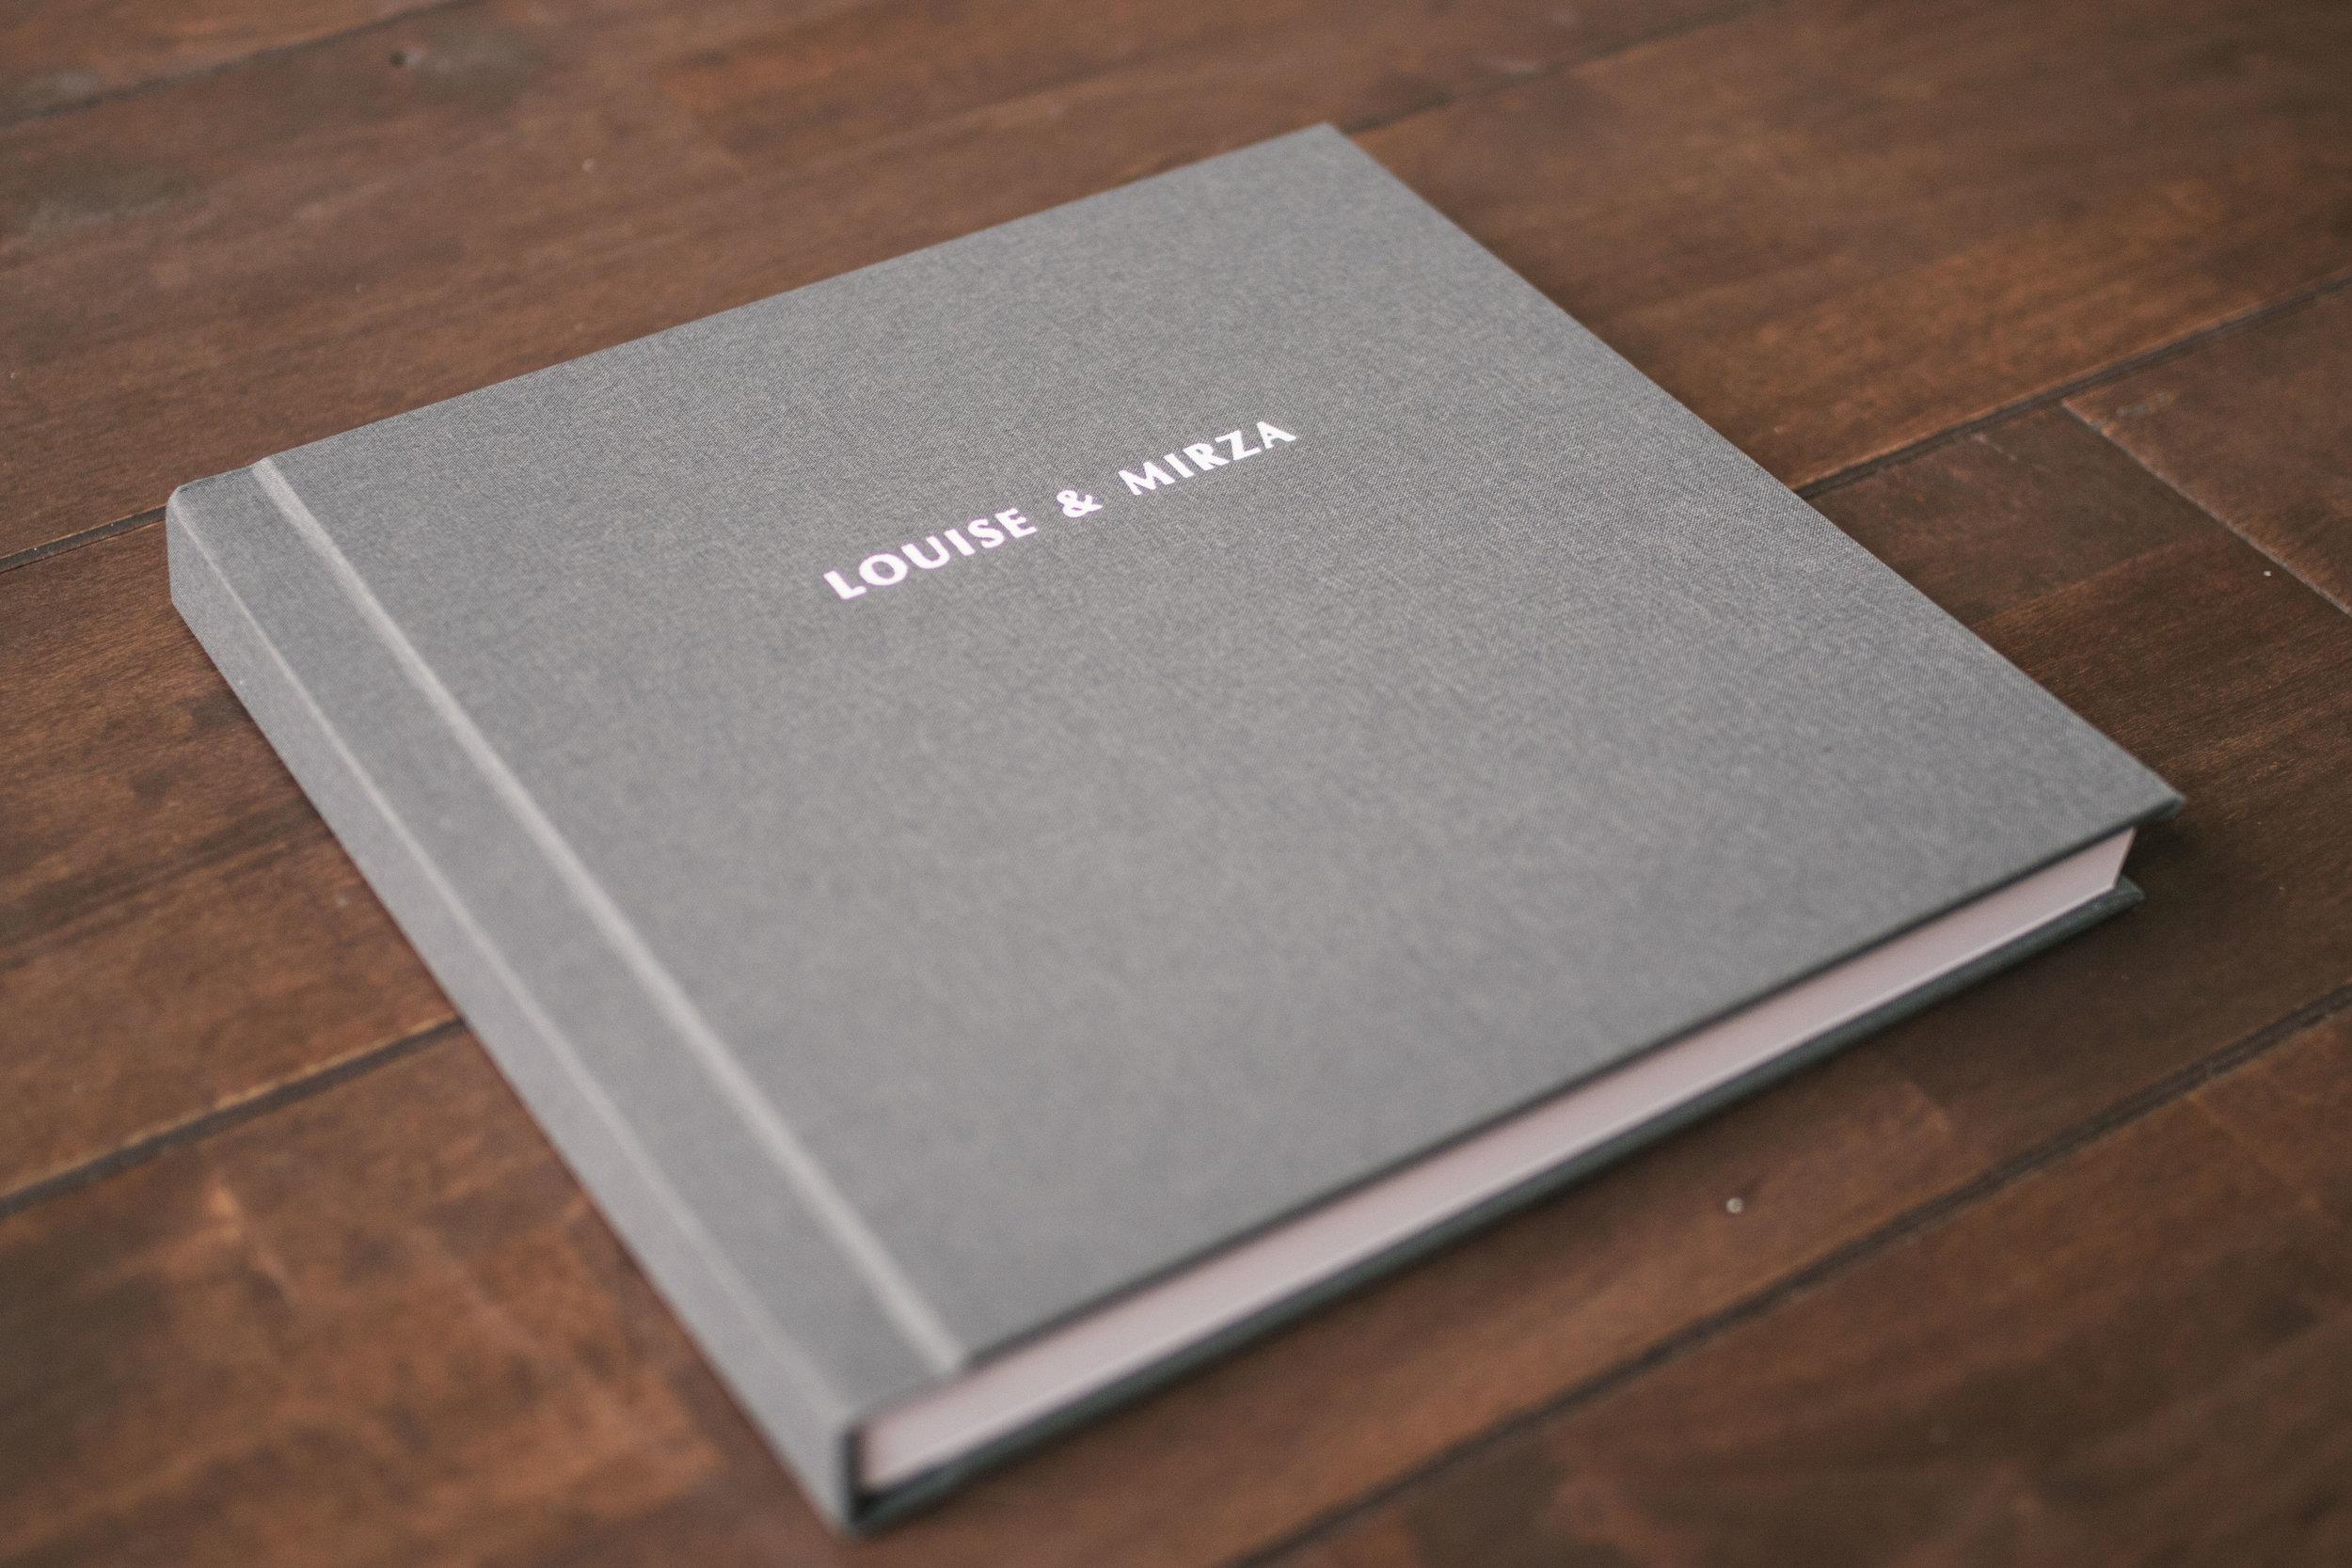 Uiteindelijke albums-3.jpg